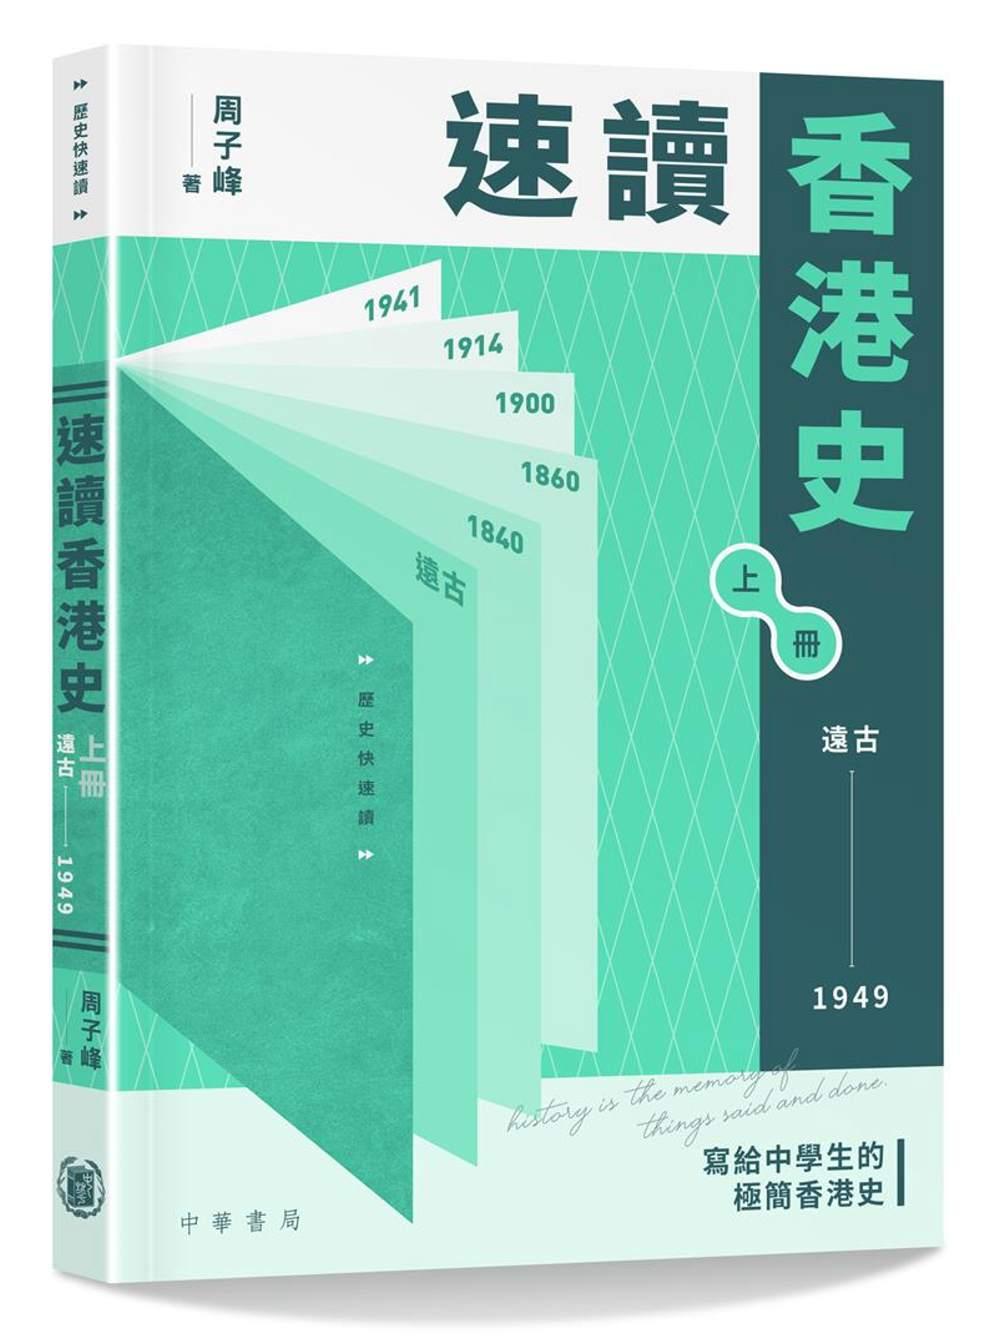 速讀香港史(遠古-1949)